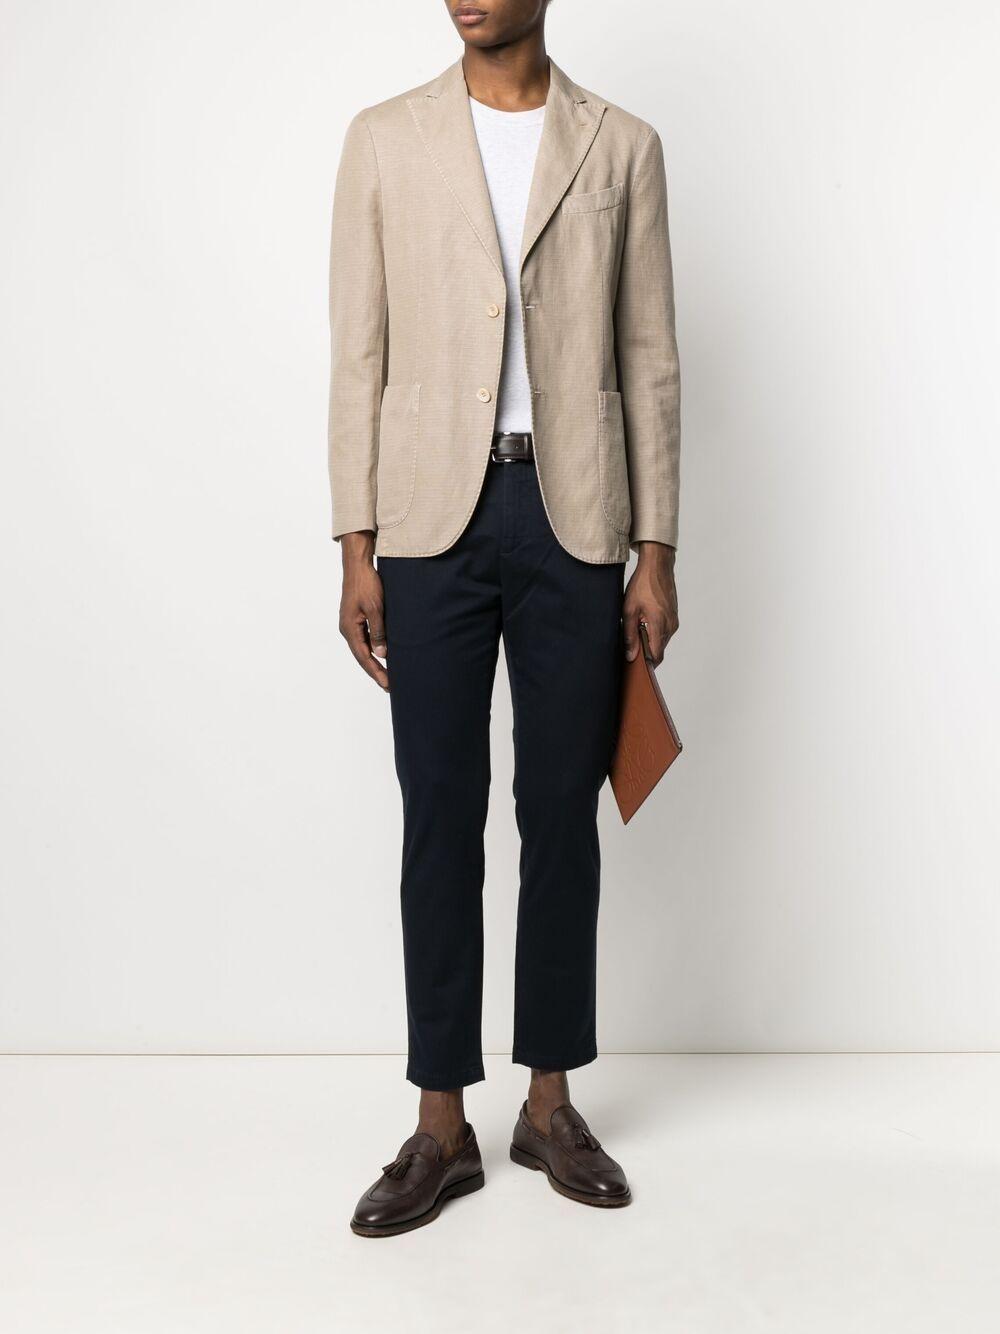 Beige cotton fitted single-breasted blazer BOGLIOLI |  | N6302Q-BTC4150250